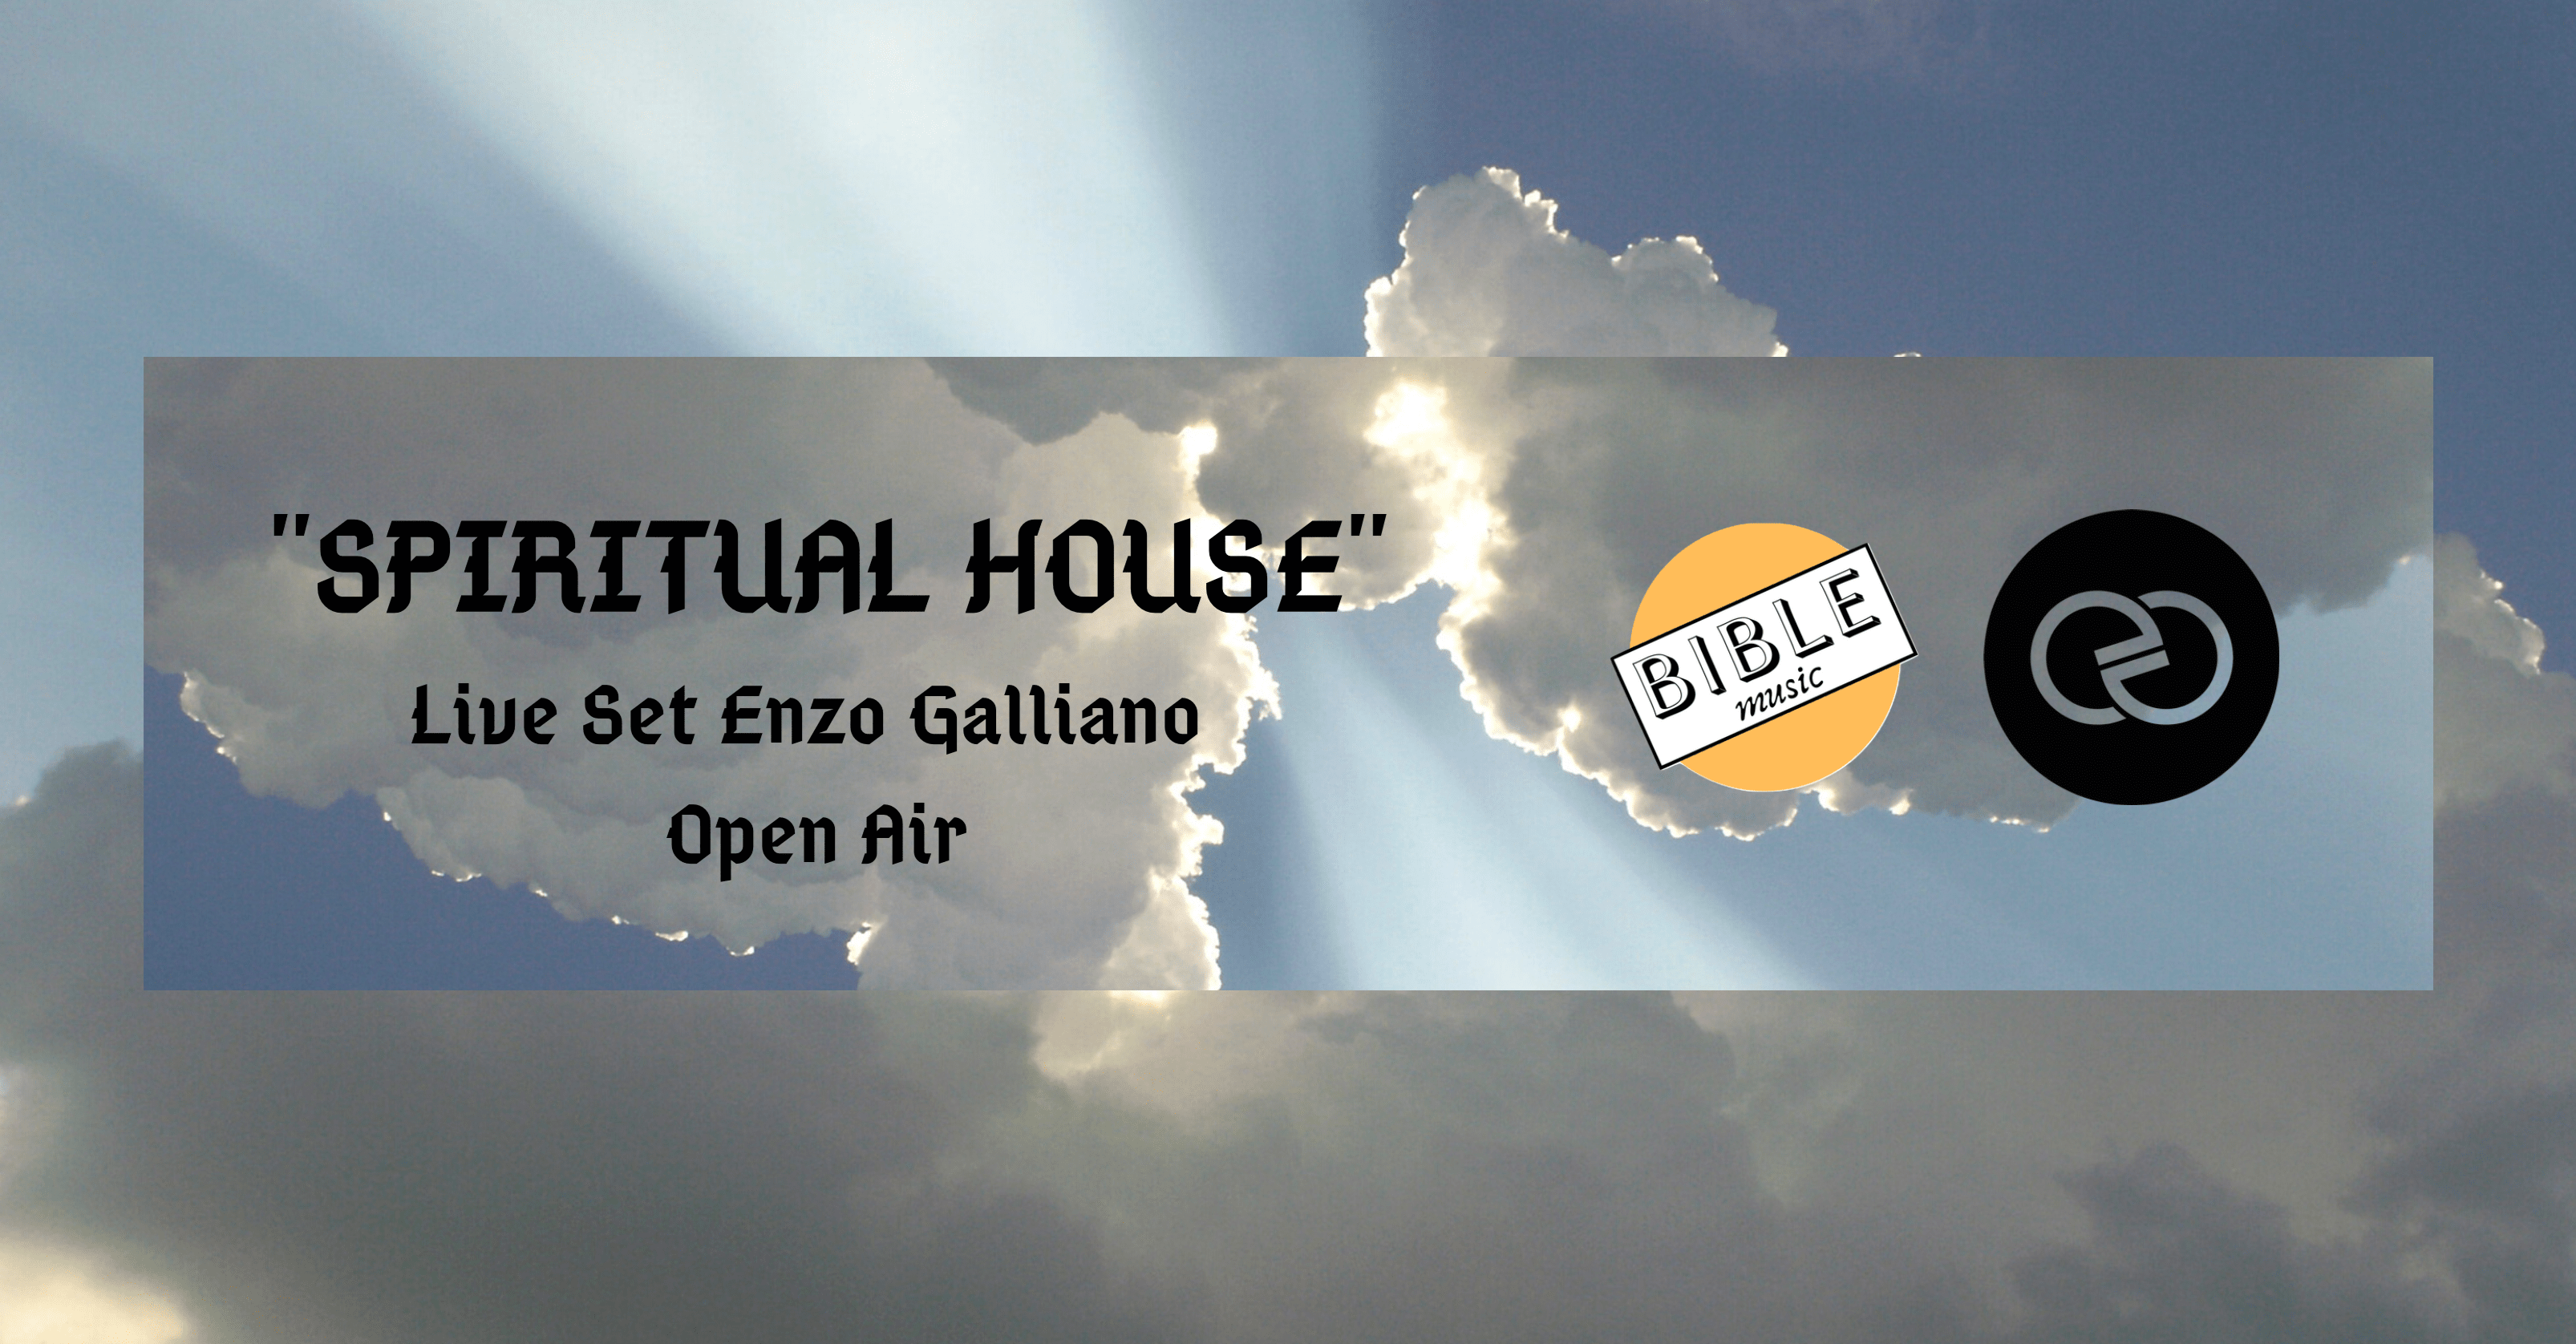 spiritual_house